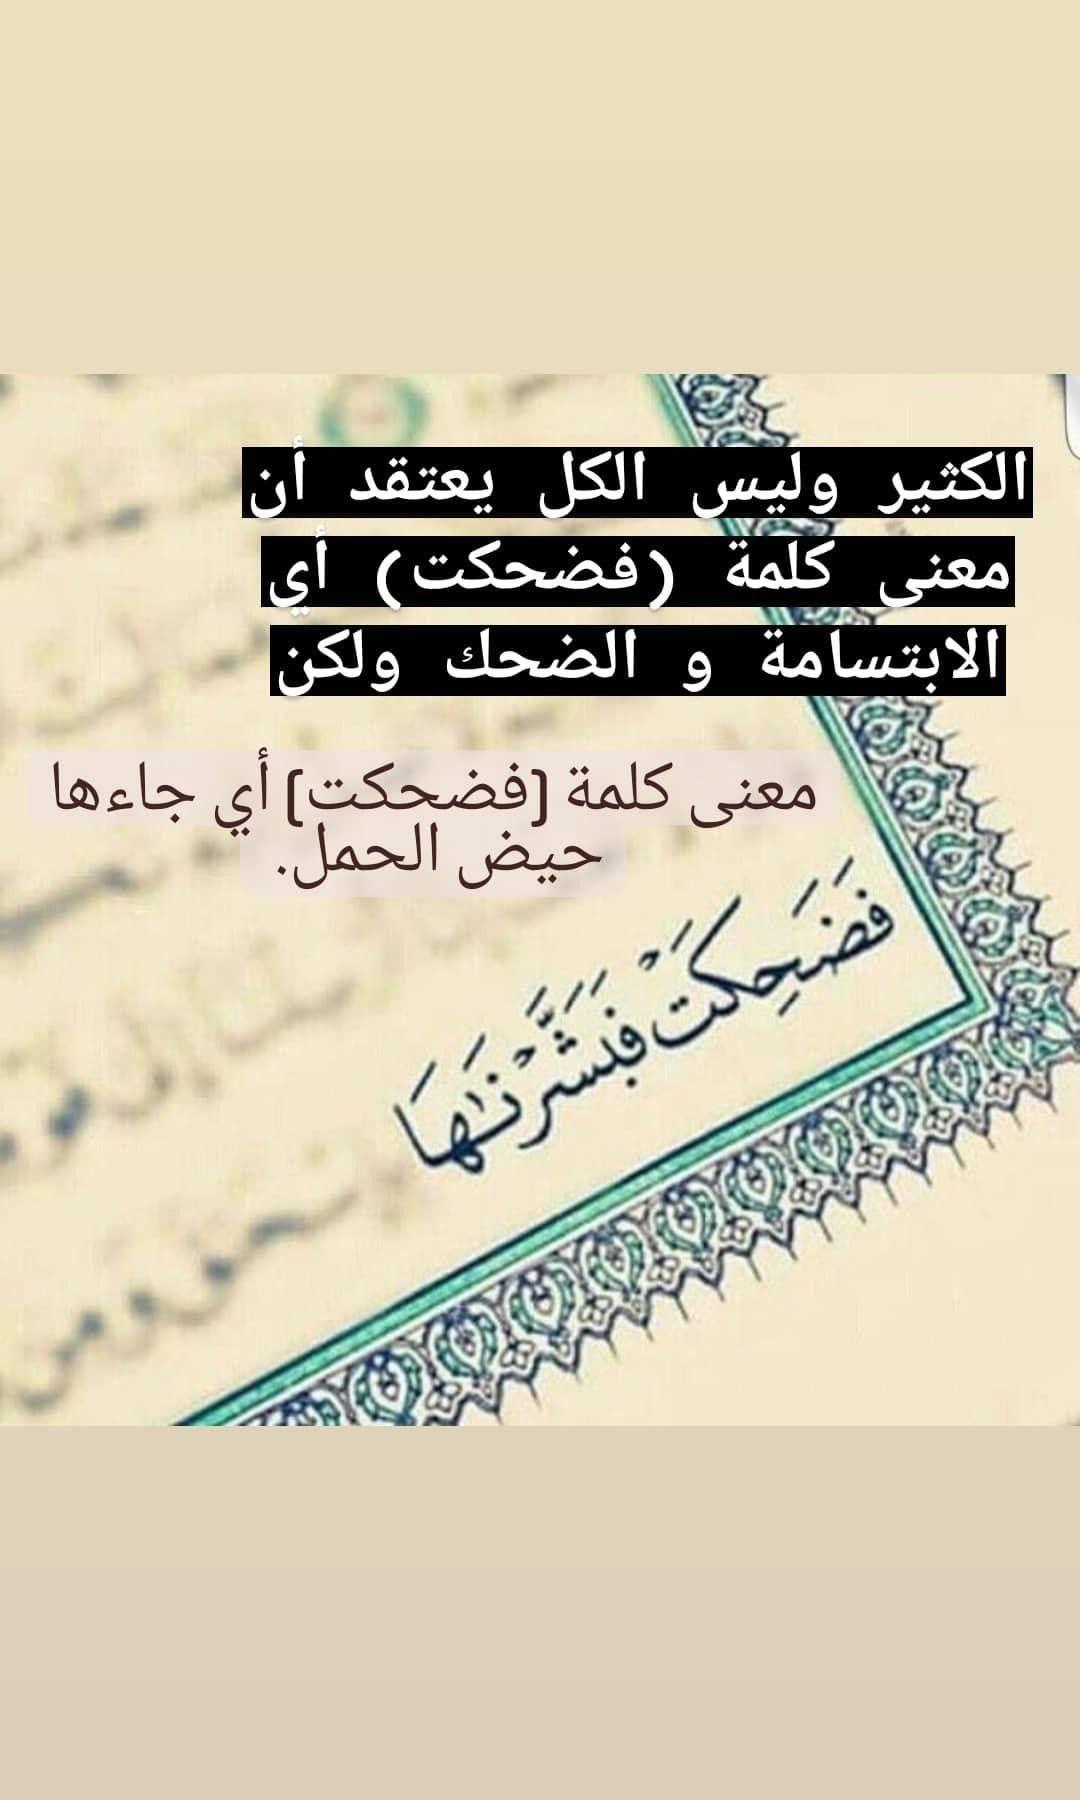 معنى كلمة فضحكت Arabic Calligraphy Calligraphy